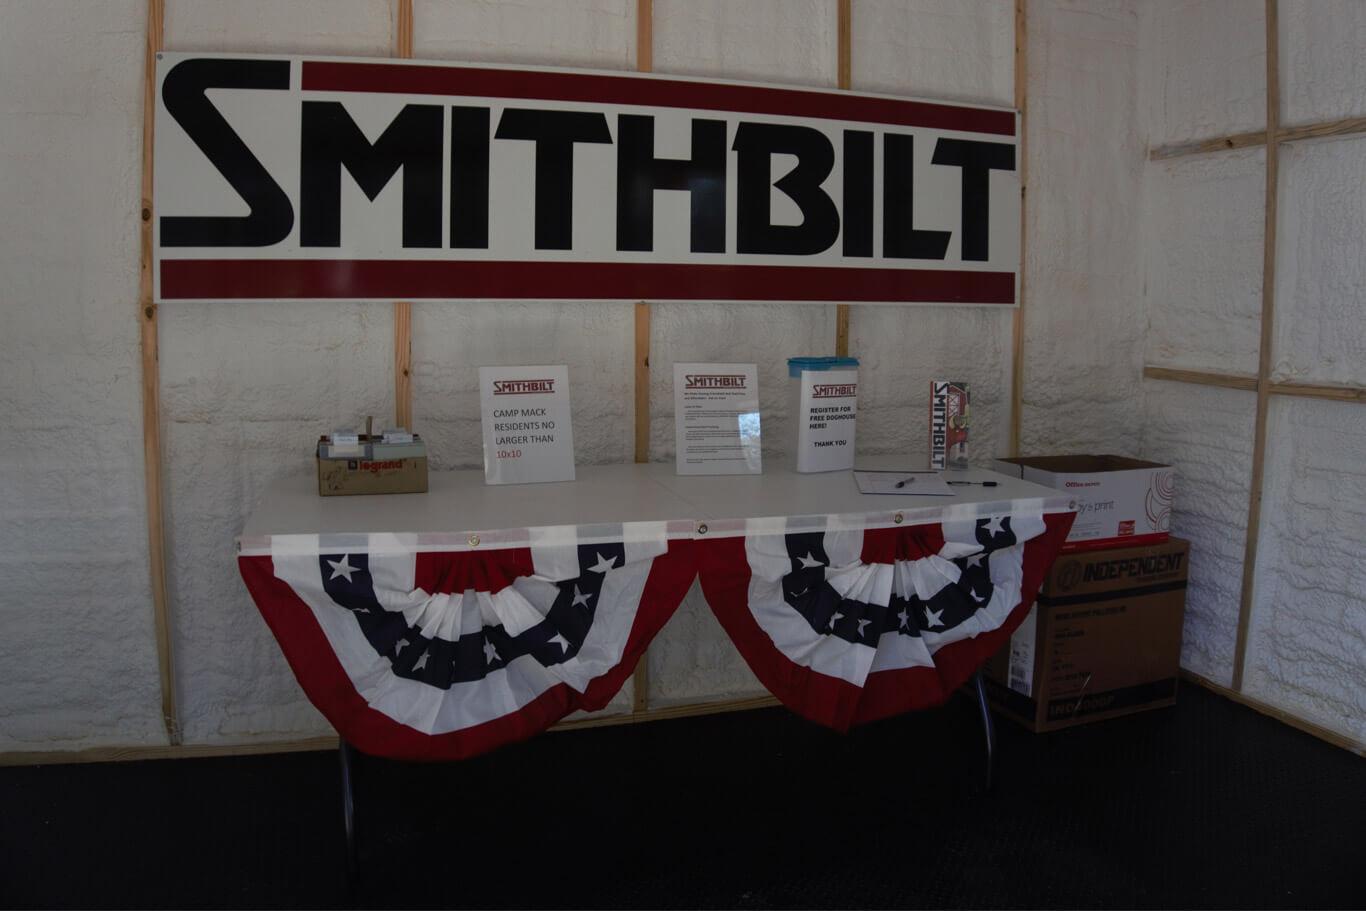 Smithbilt